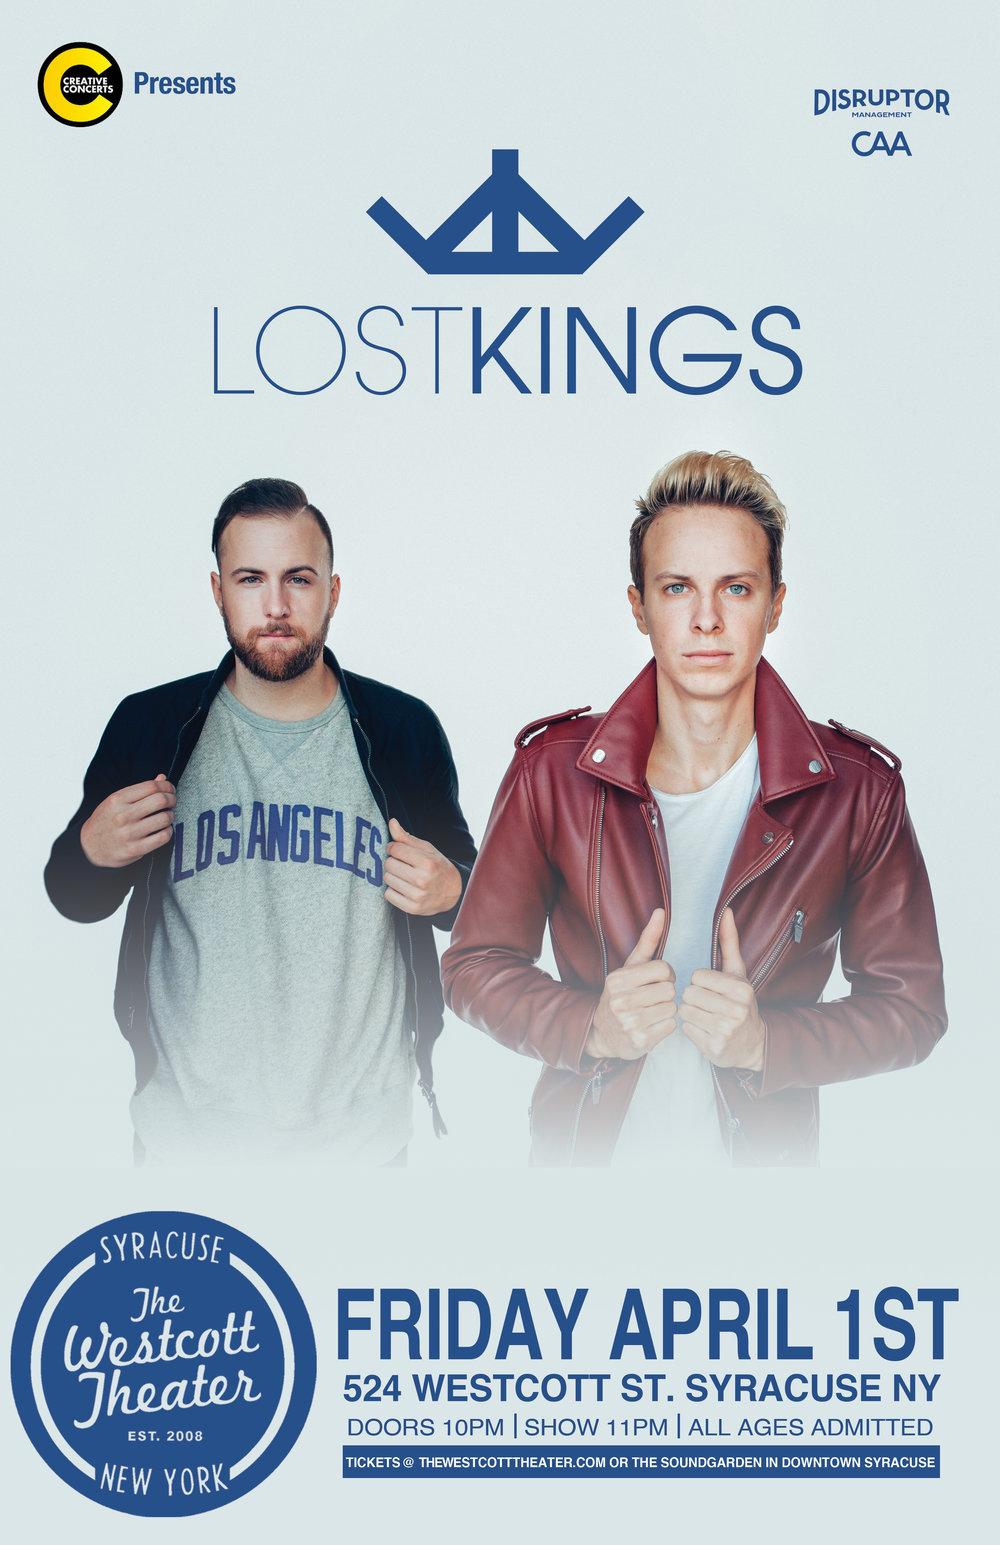 Lost Kings_2_2.jpg